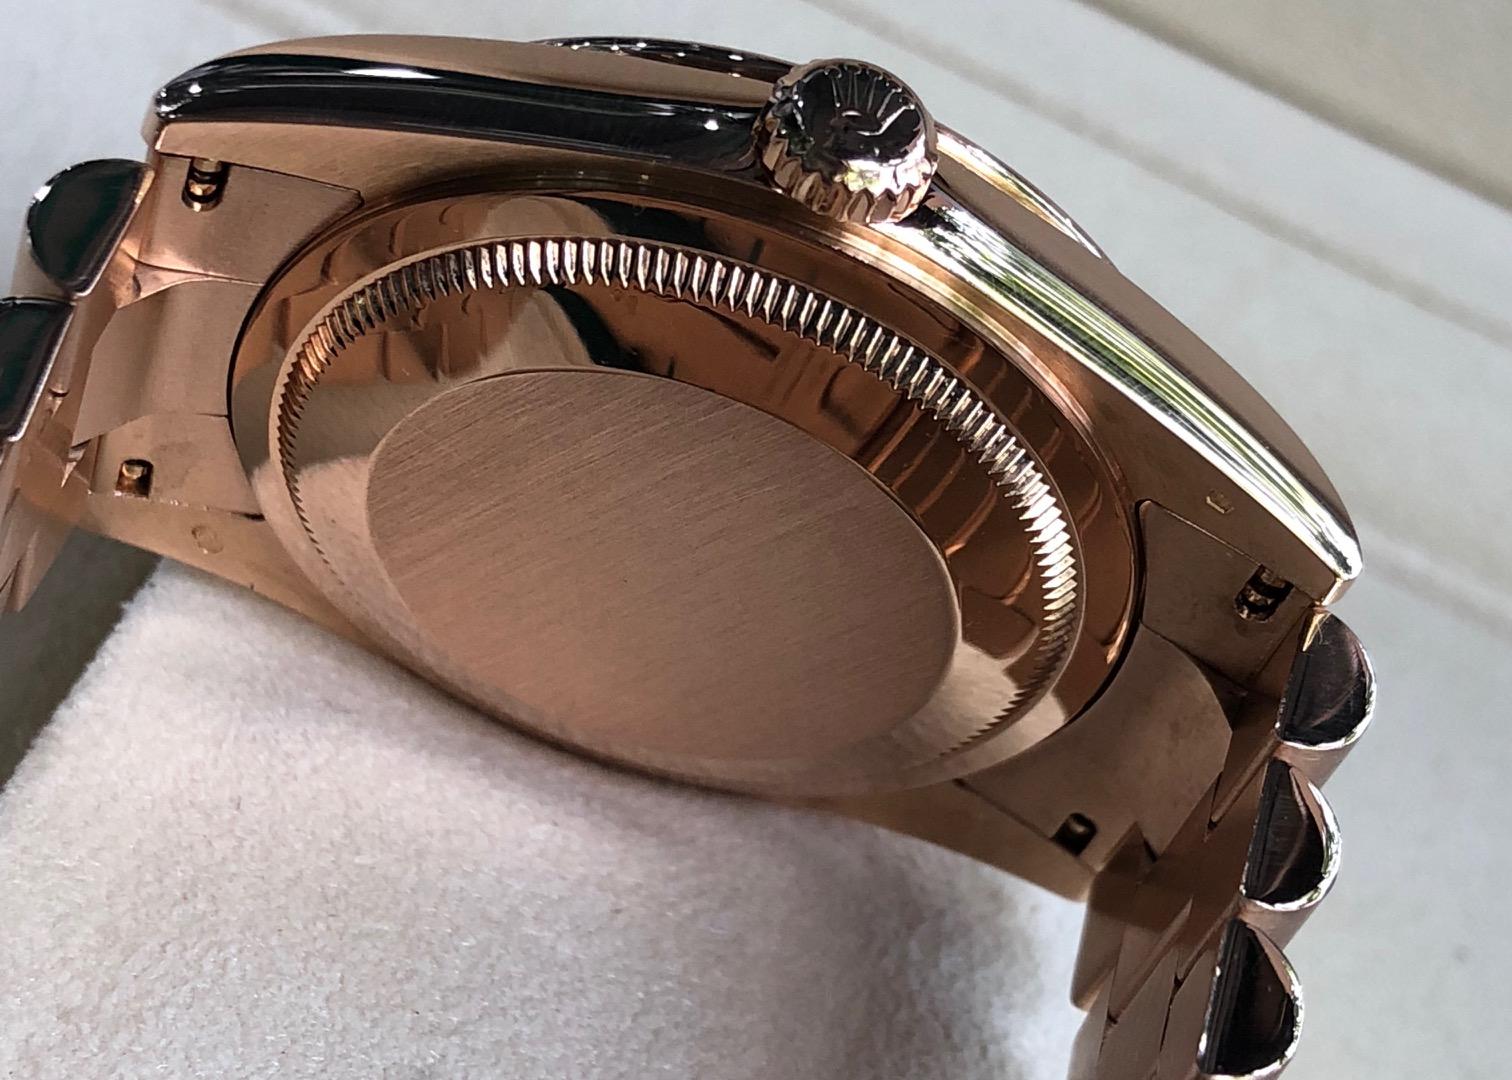 Rolex 126333 vàng 18k sản xuất năm 2003